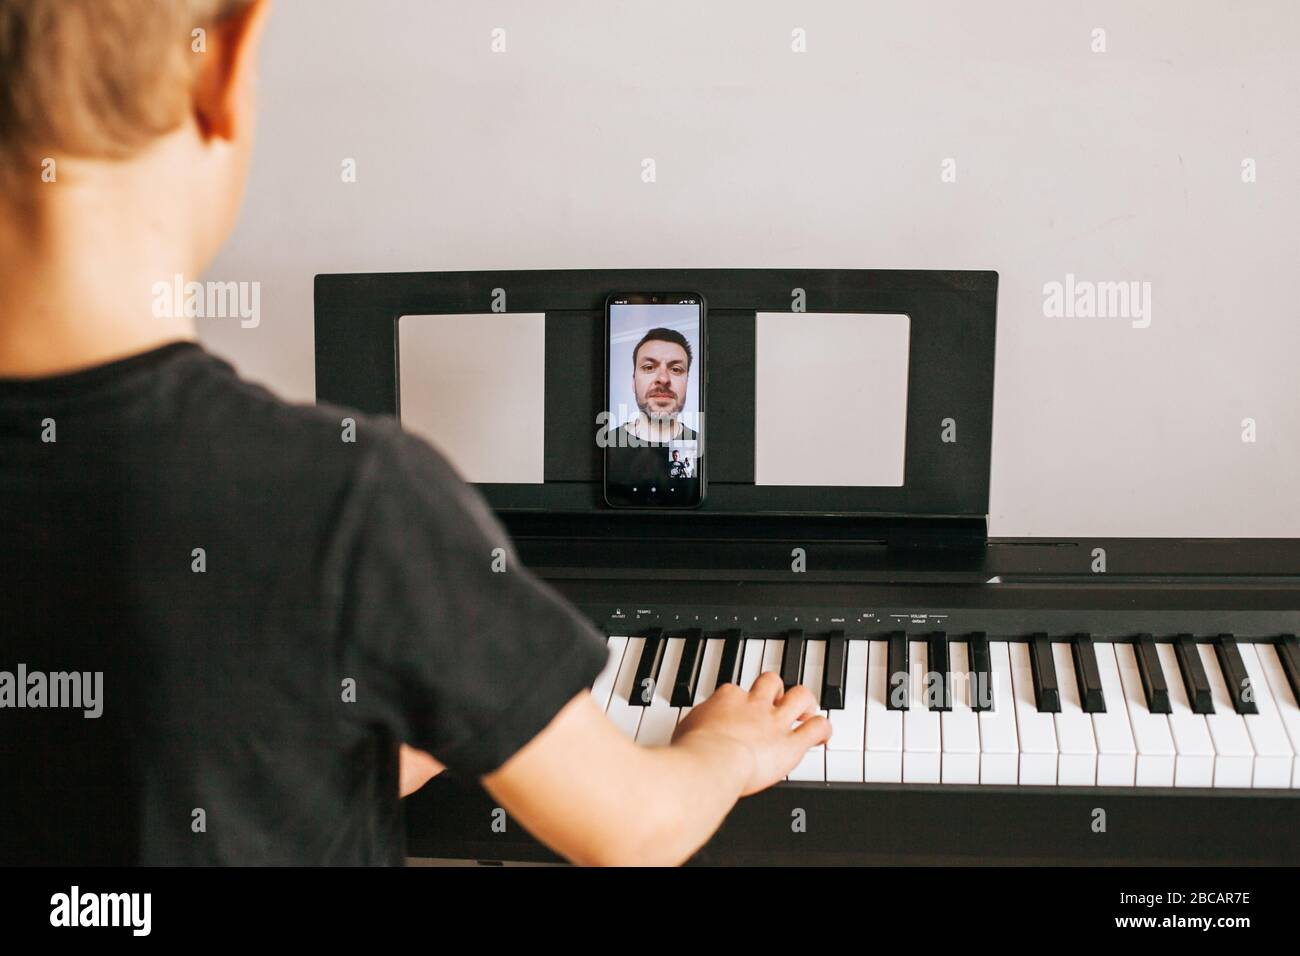 Le mani dei bambini suonano piano.Close-up piano, tastiera bianca e nera Foto Stock